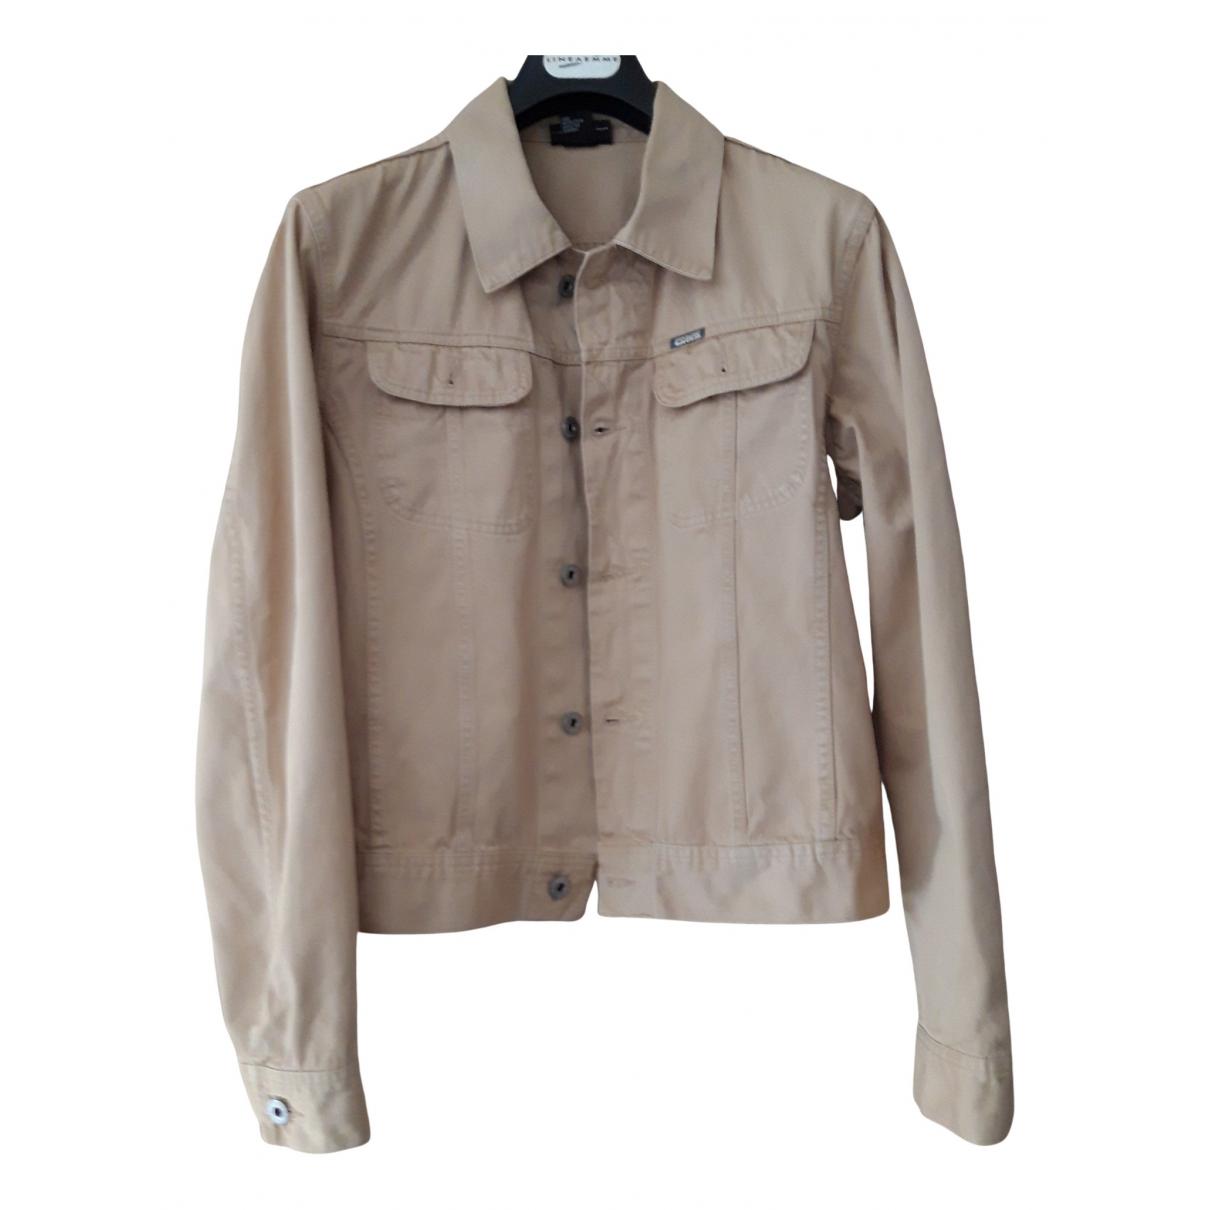 Diesel - Veste   pour femme en coton - beige